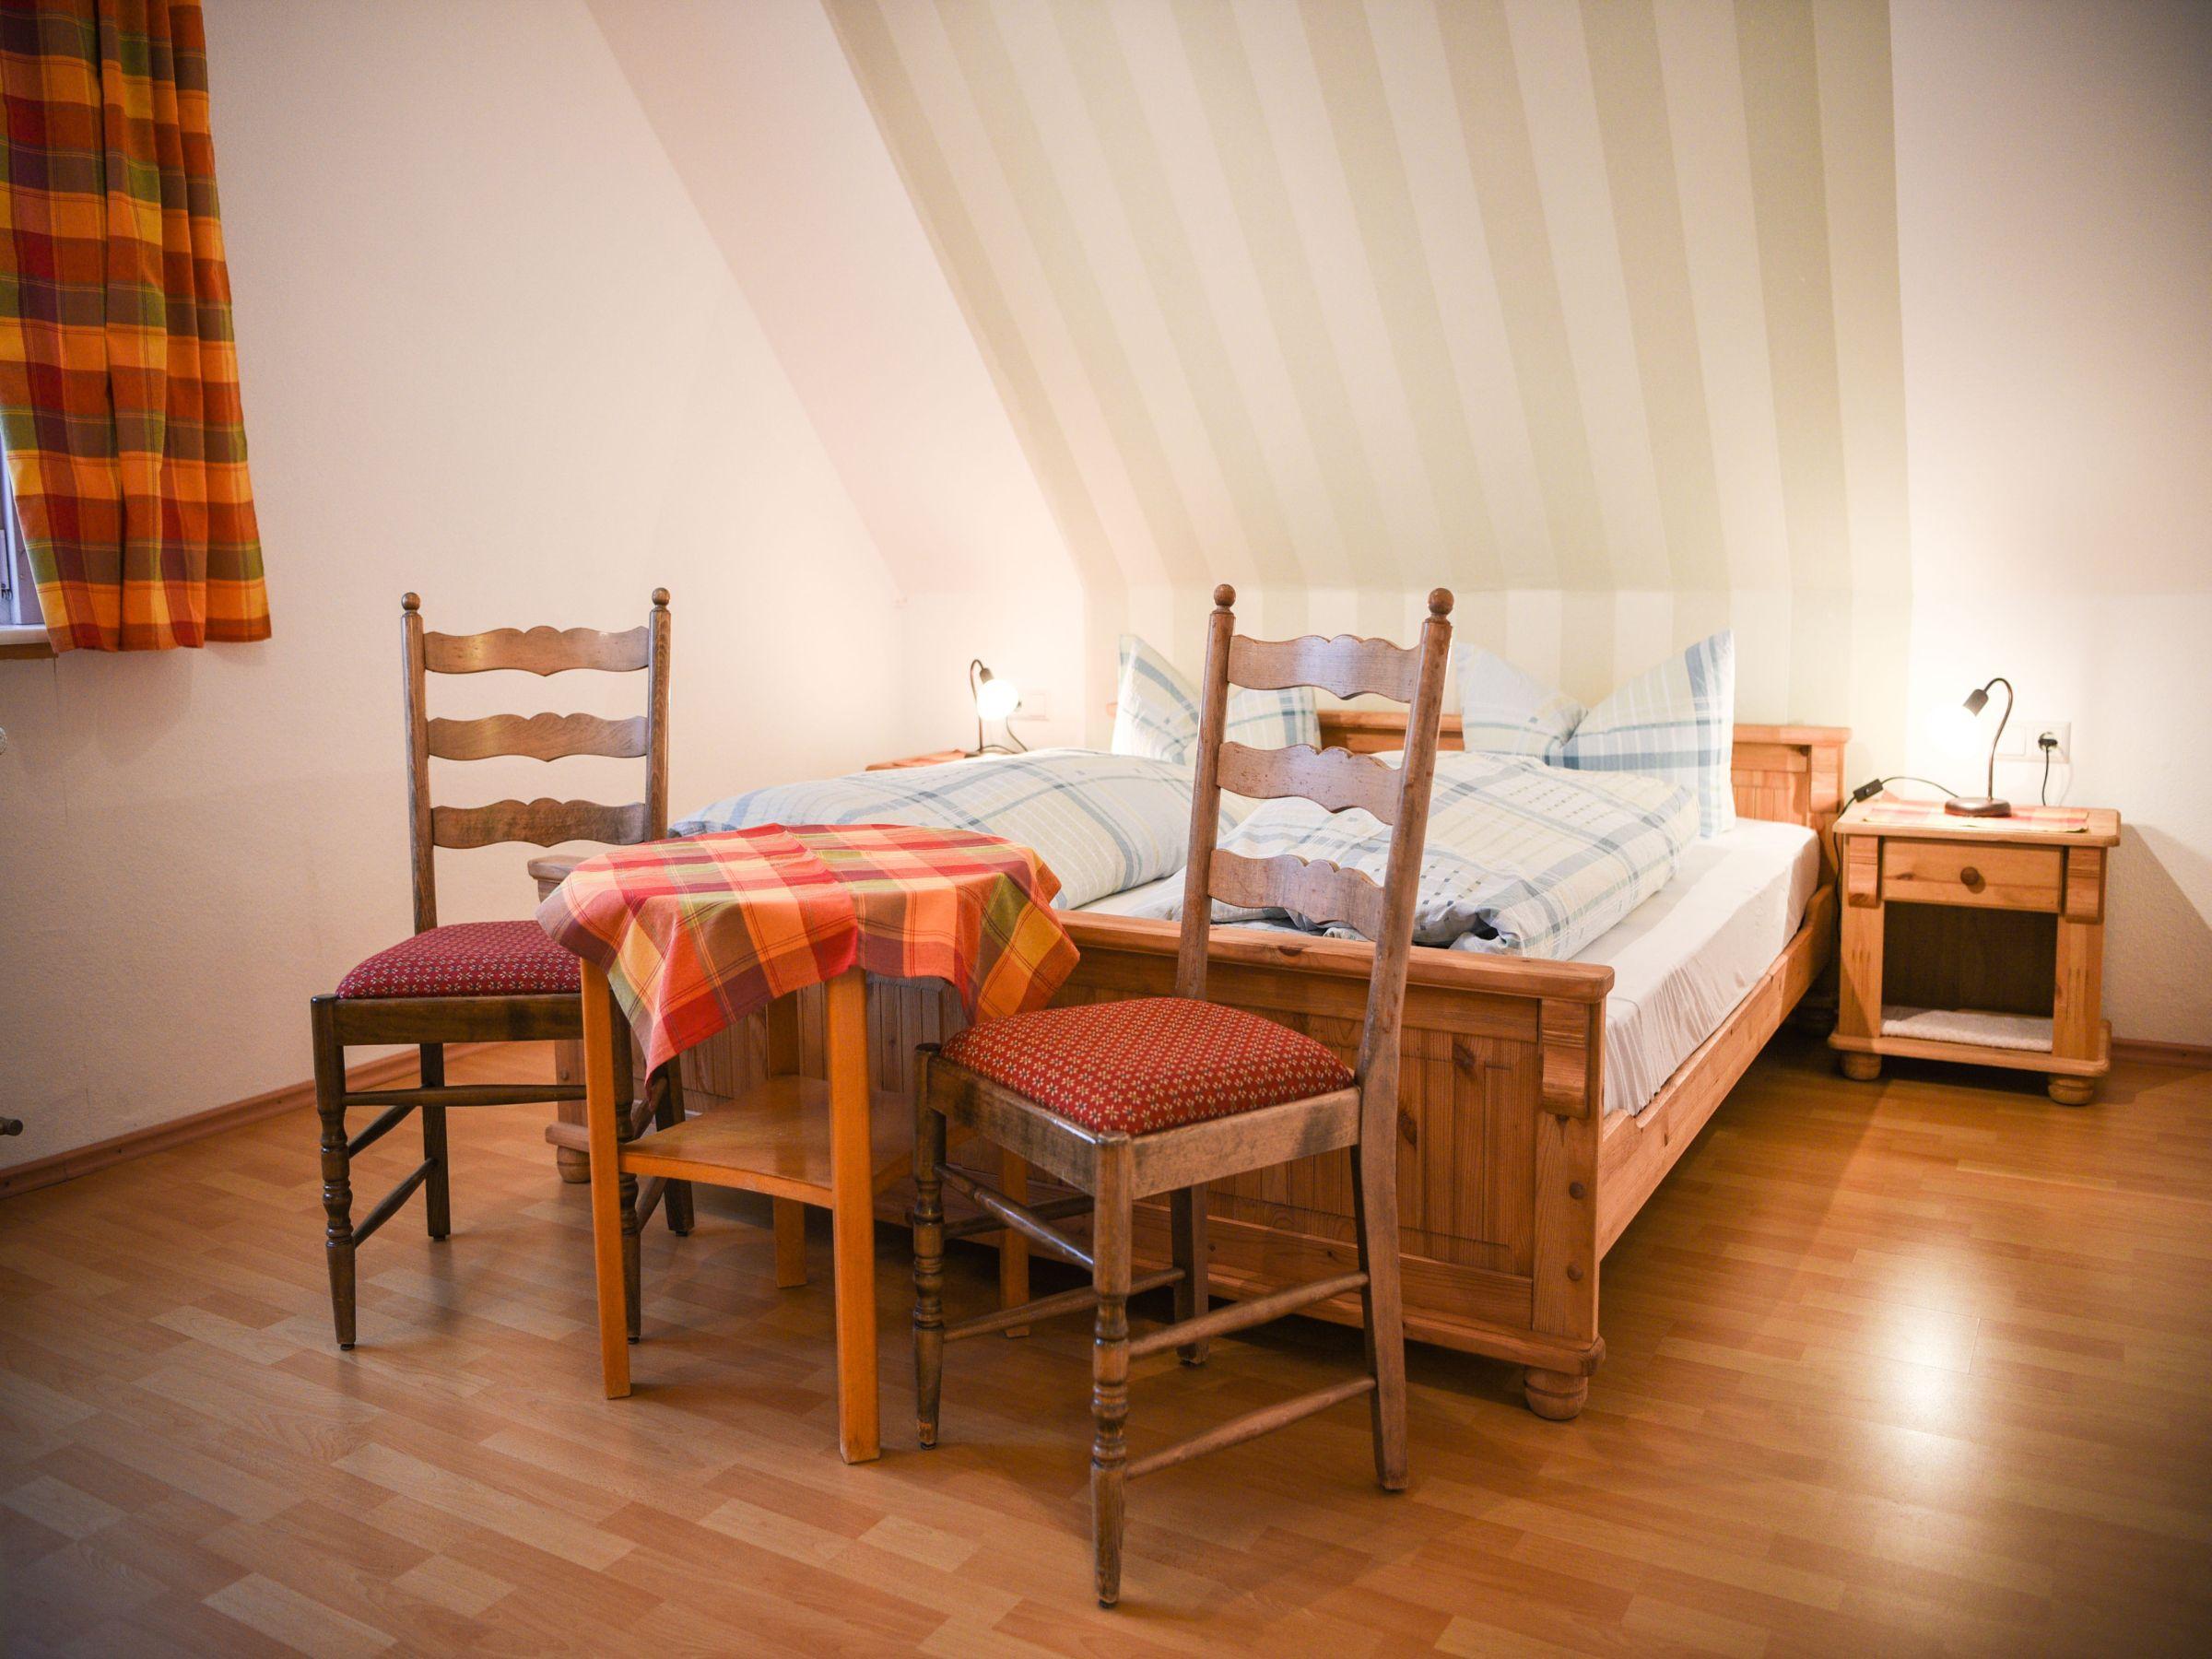 haus luise, (lenzkirch). fereinwohnung, 65 qm, 2 schlafzimmer, max, Schlafzimmer entwurf